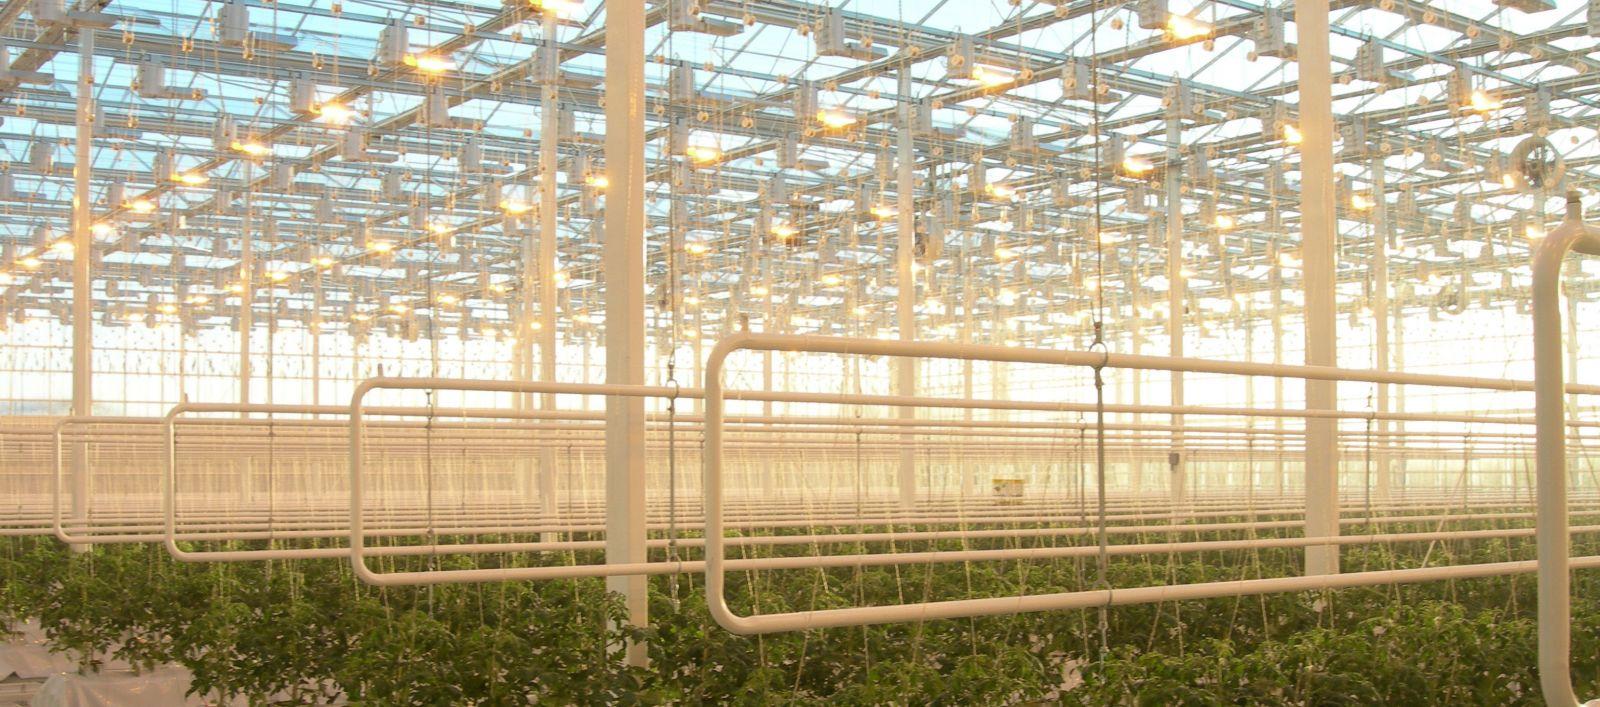 Asimilačné osvetlenie pre skleníky fóliovníky